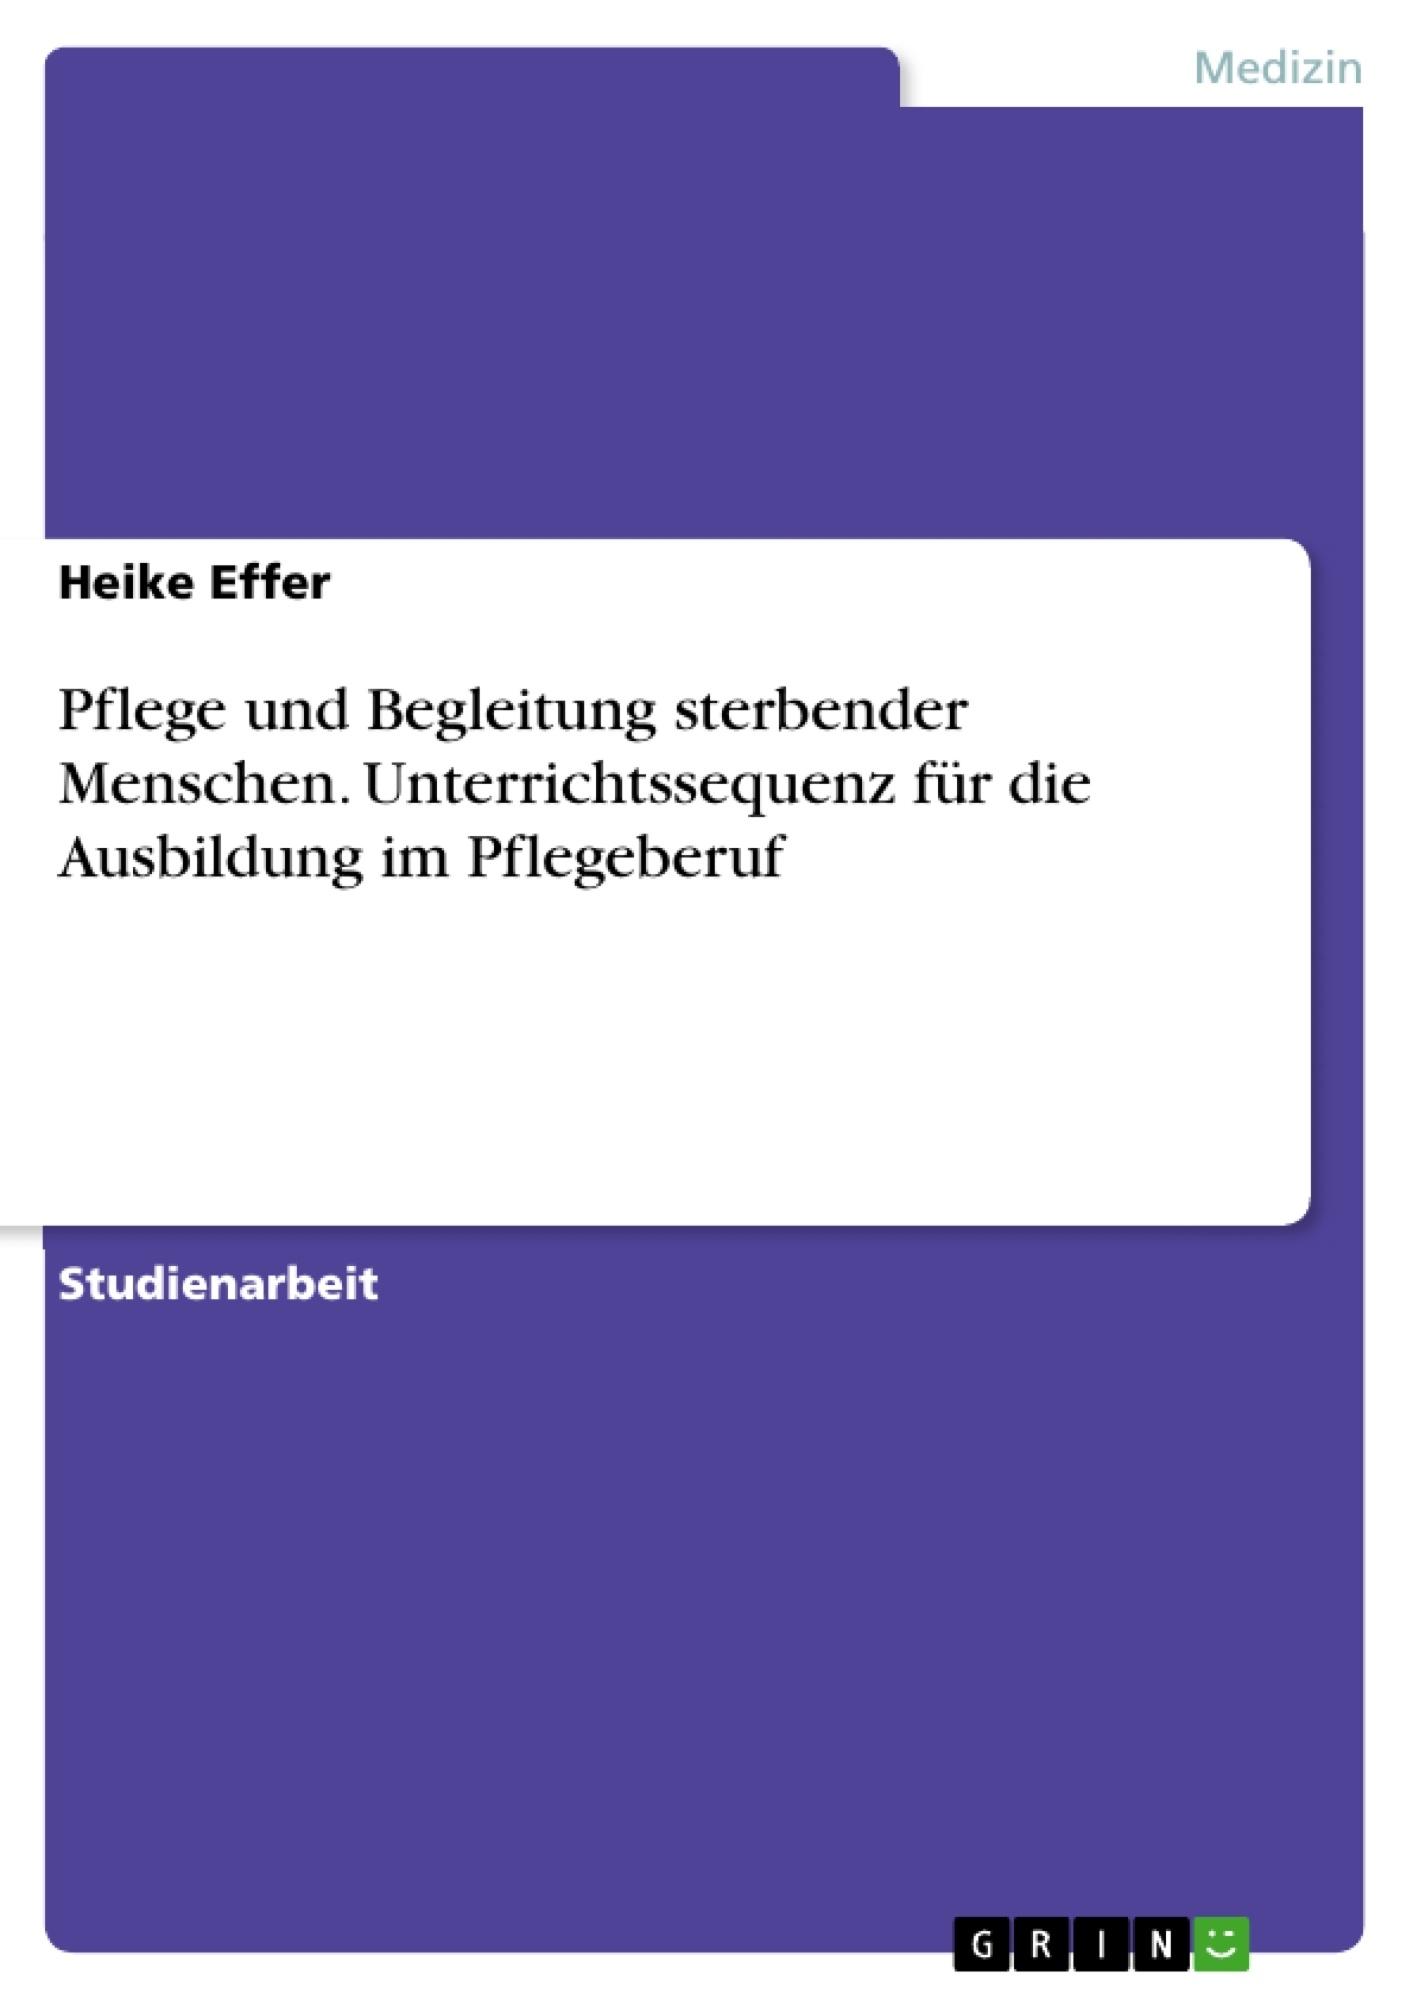 Titel: Pflege und Begleitung sterbender Menschen. Unterrichtssequenz für die Ausbildung im Pflegeberuf